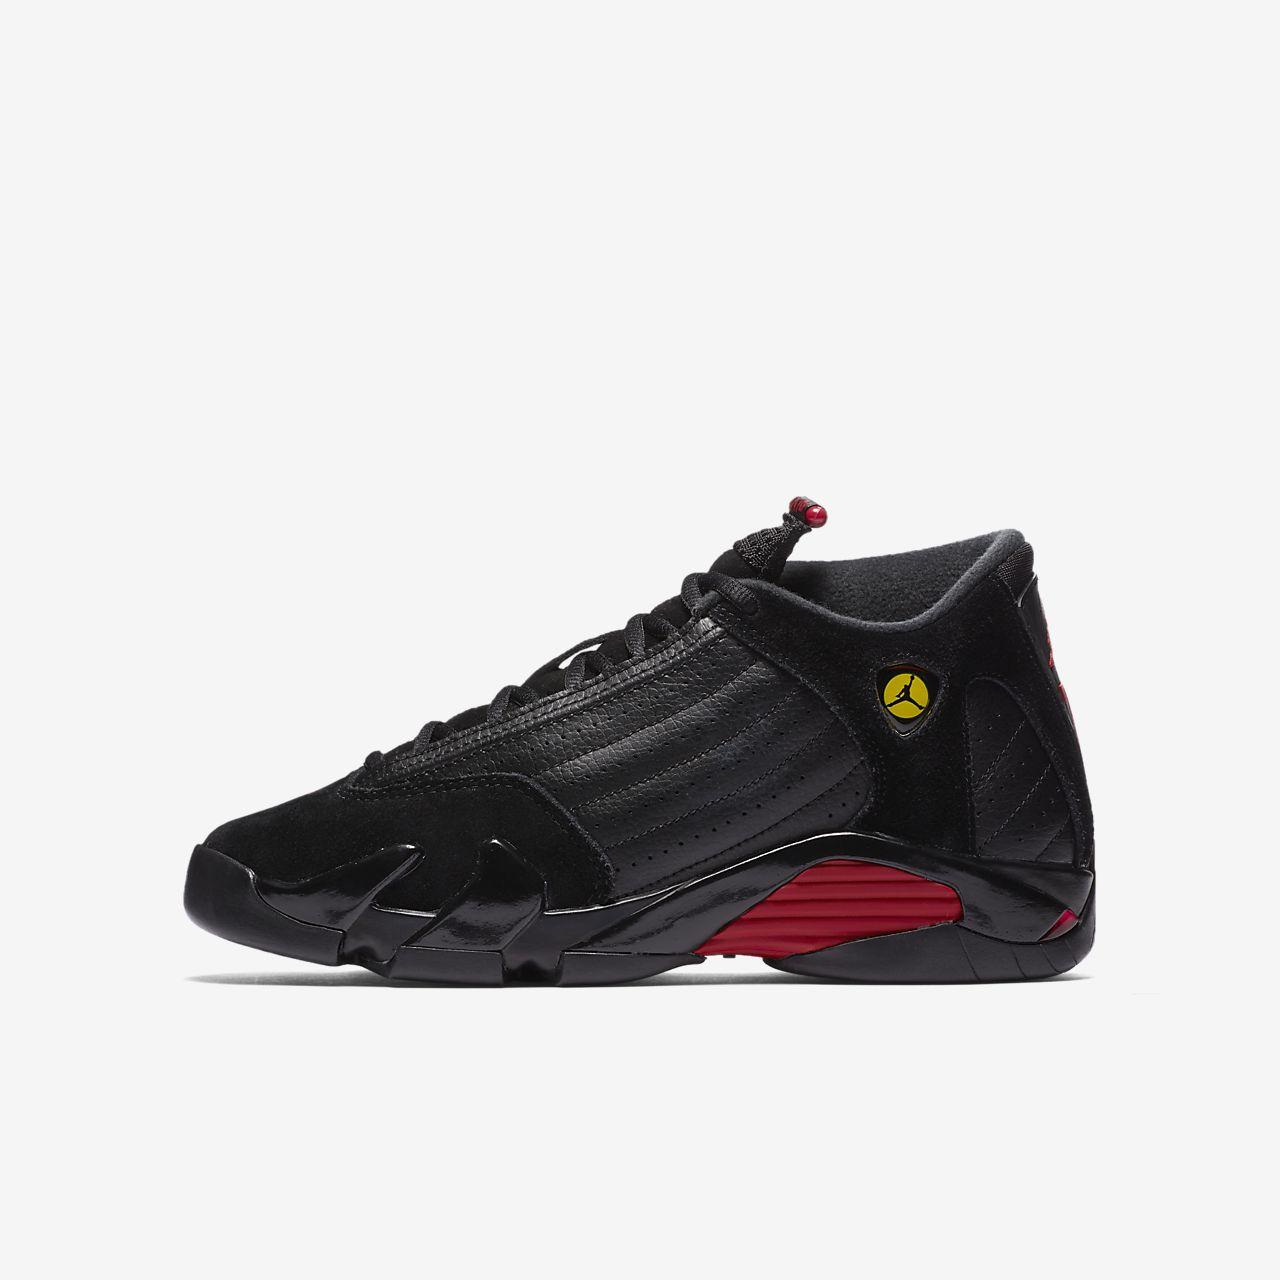 Air Jordan 14 Retro Older Kids' Shoe